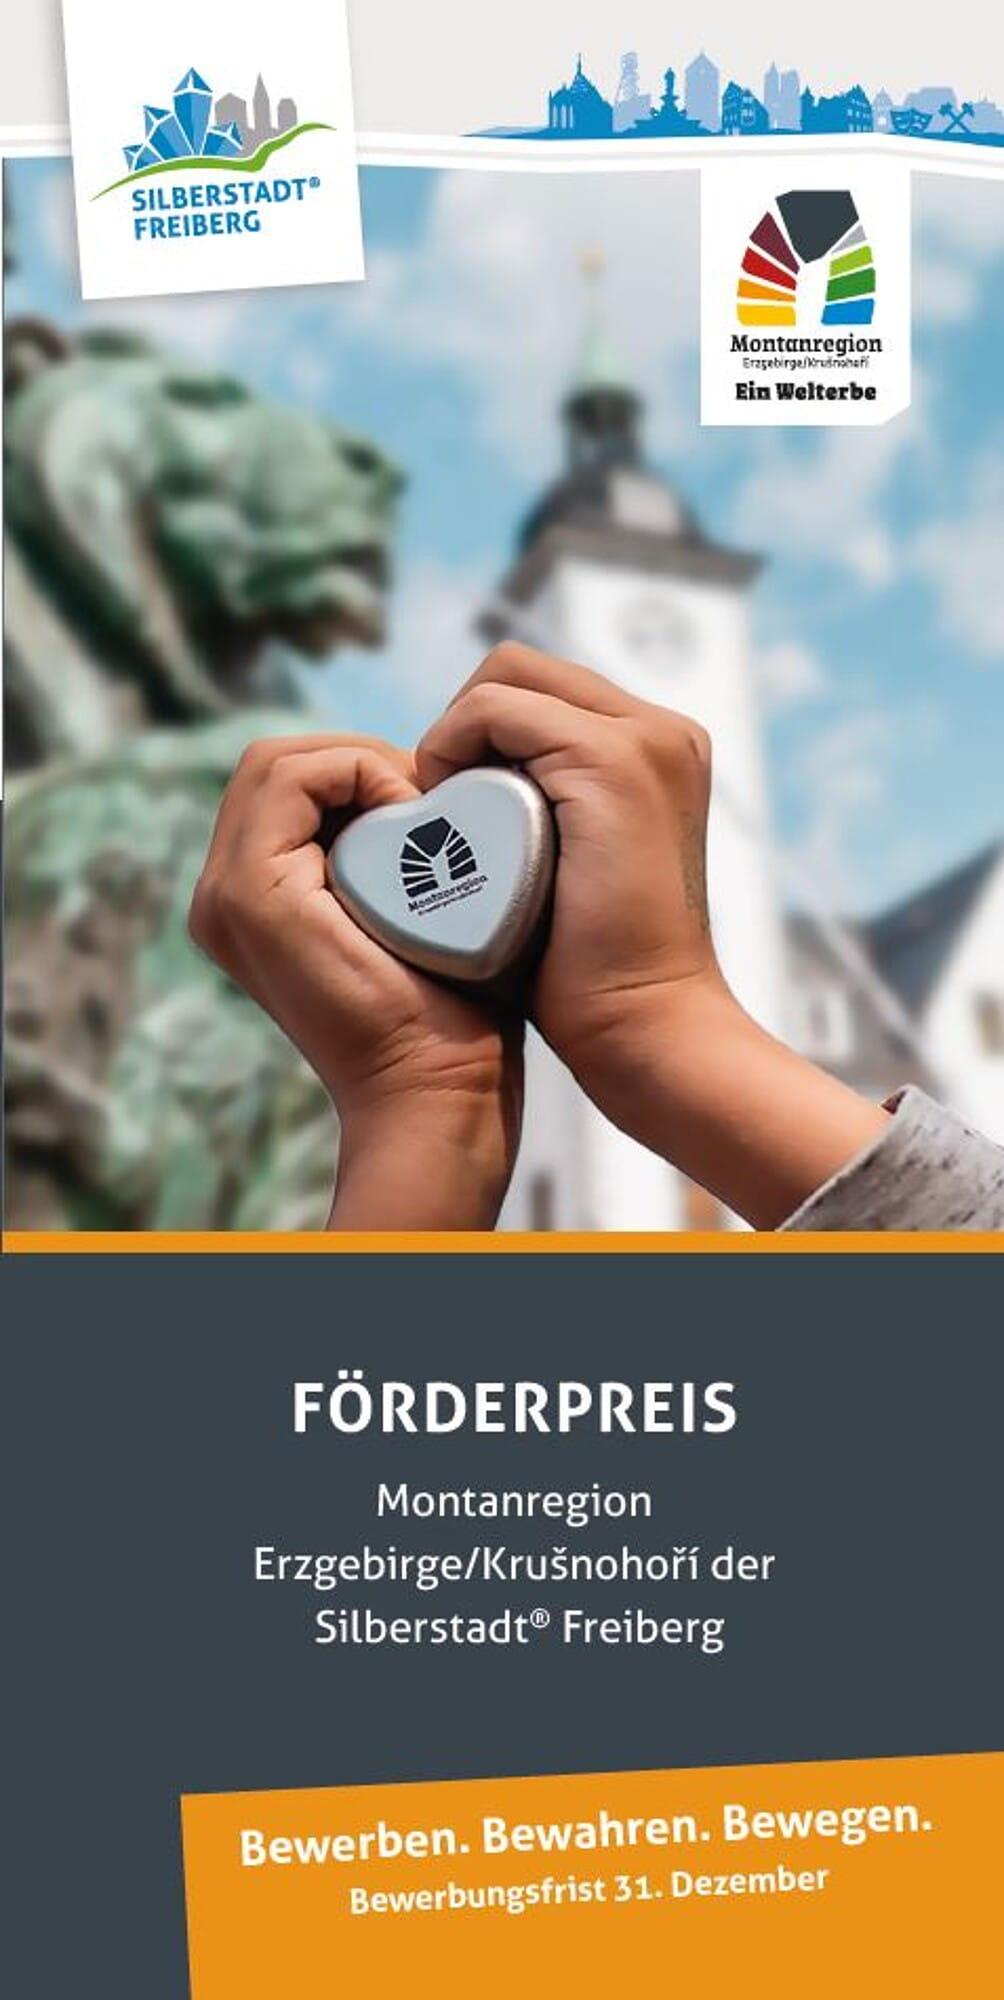 Förderpreis_Montanregion_Deckblatt.JPG